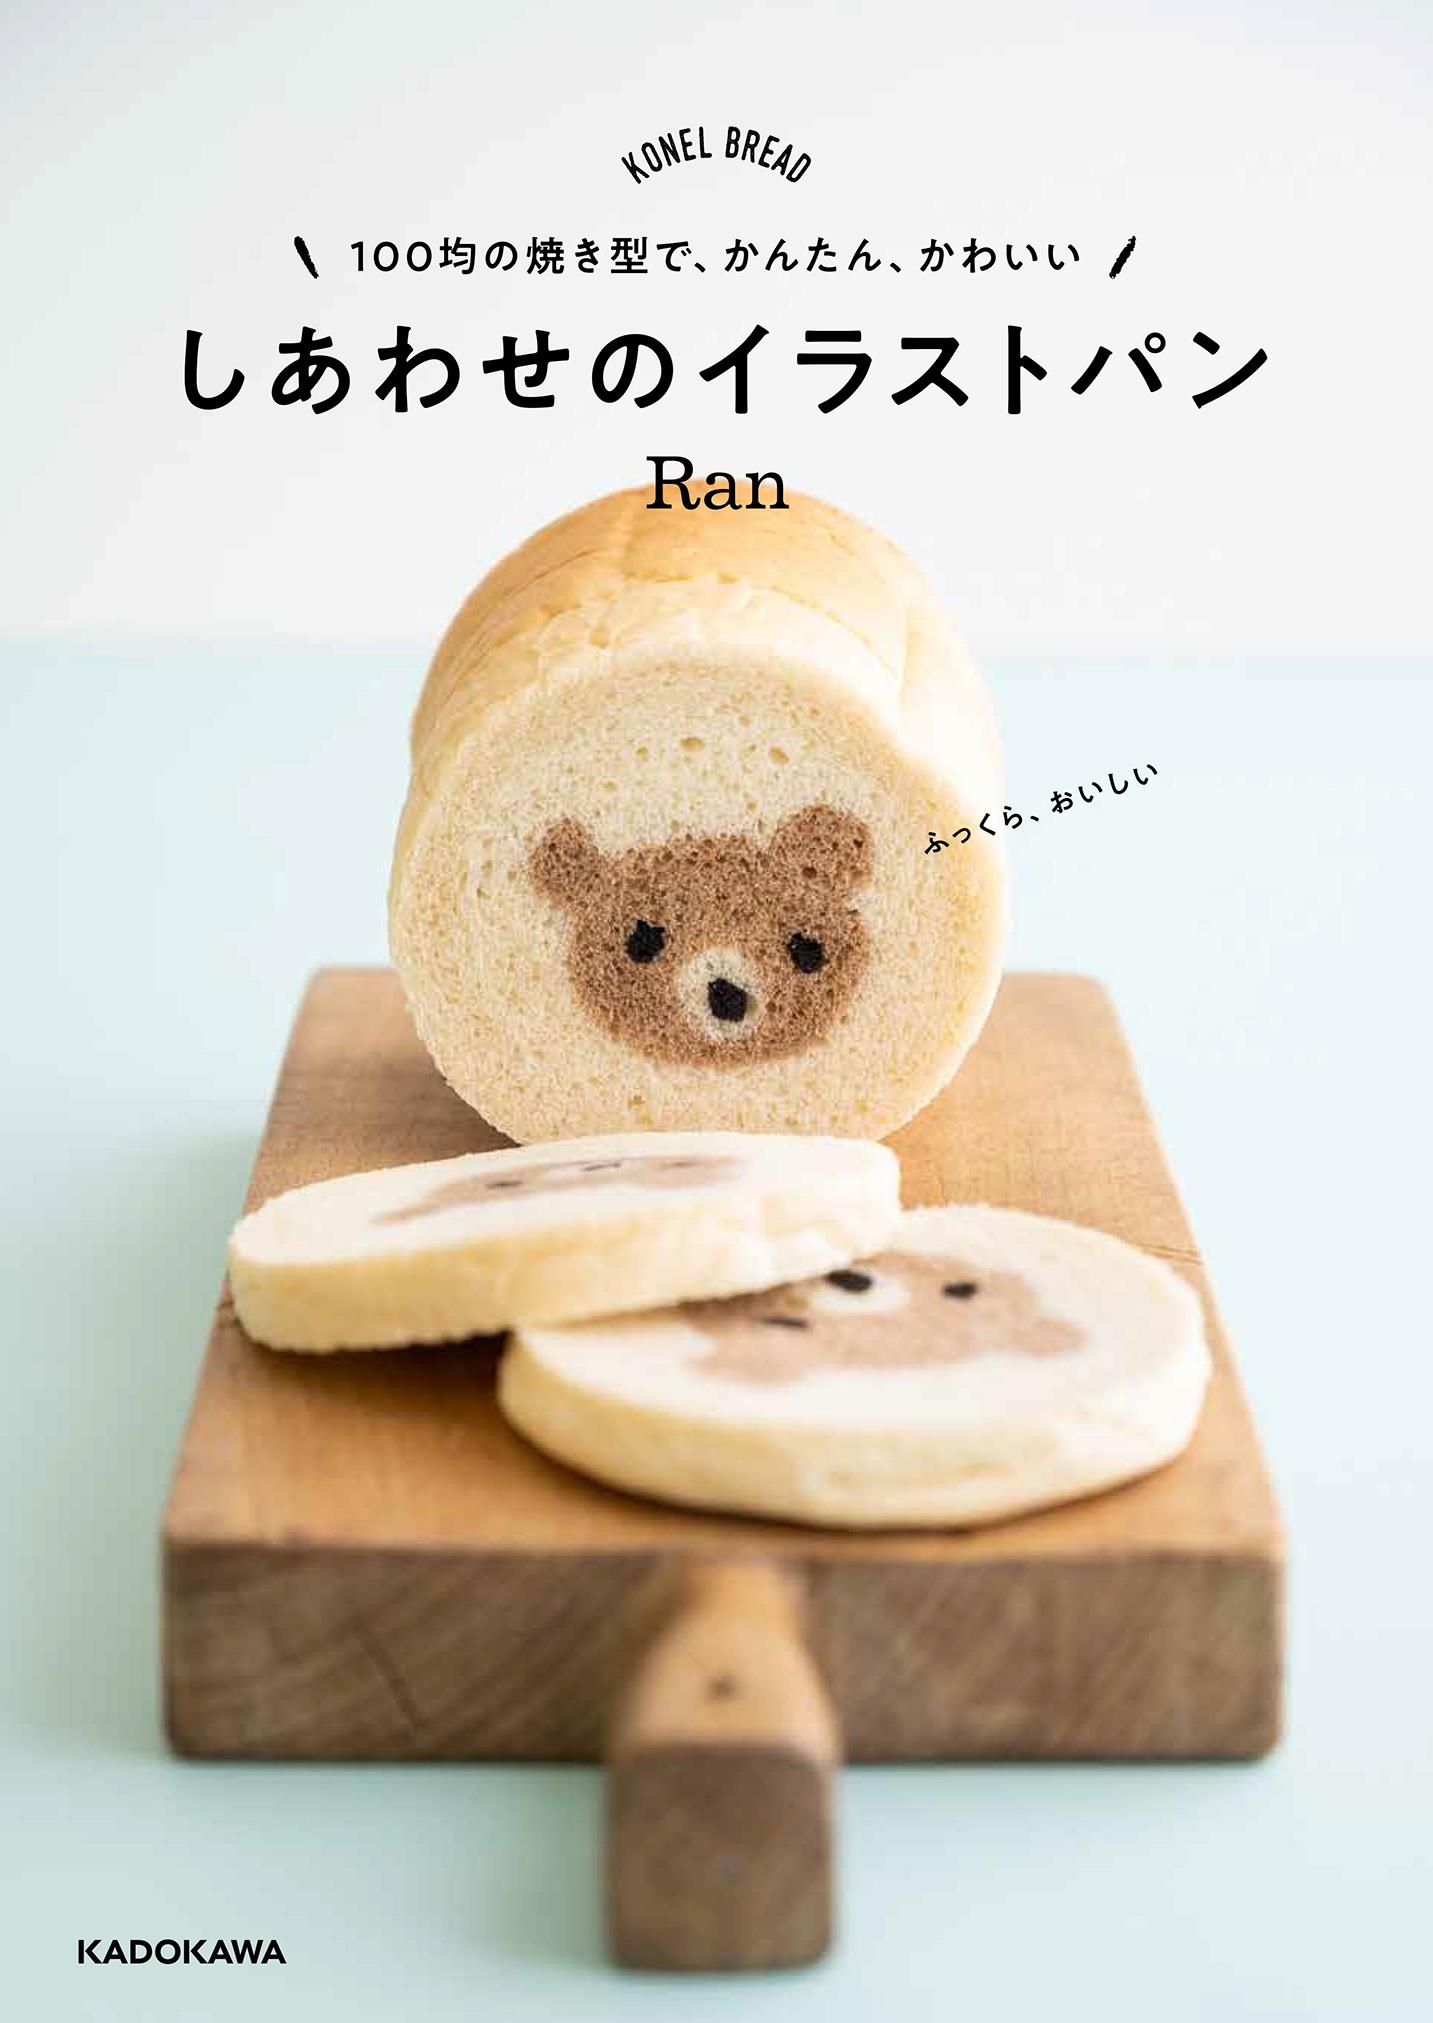 100均の焼き型で、かんたん、かわいい しあわせのイラストパン